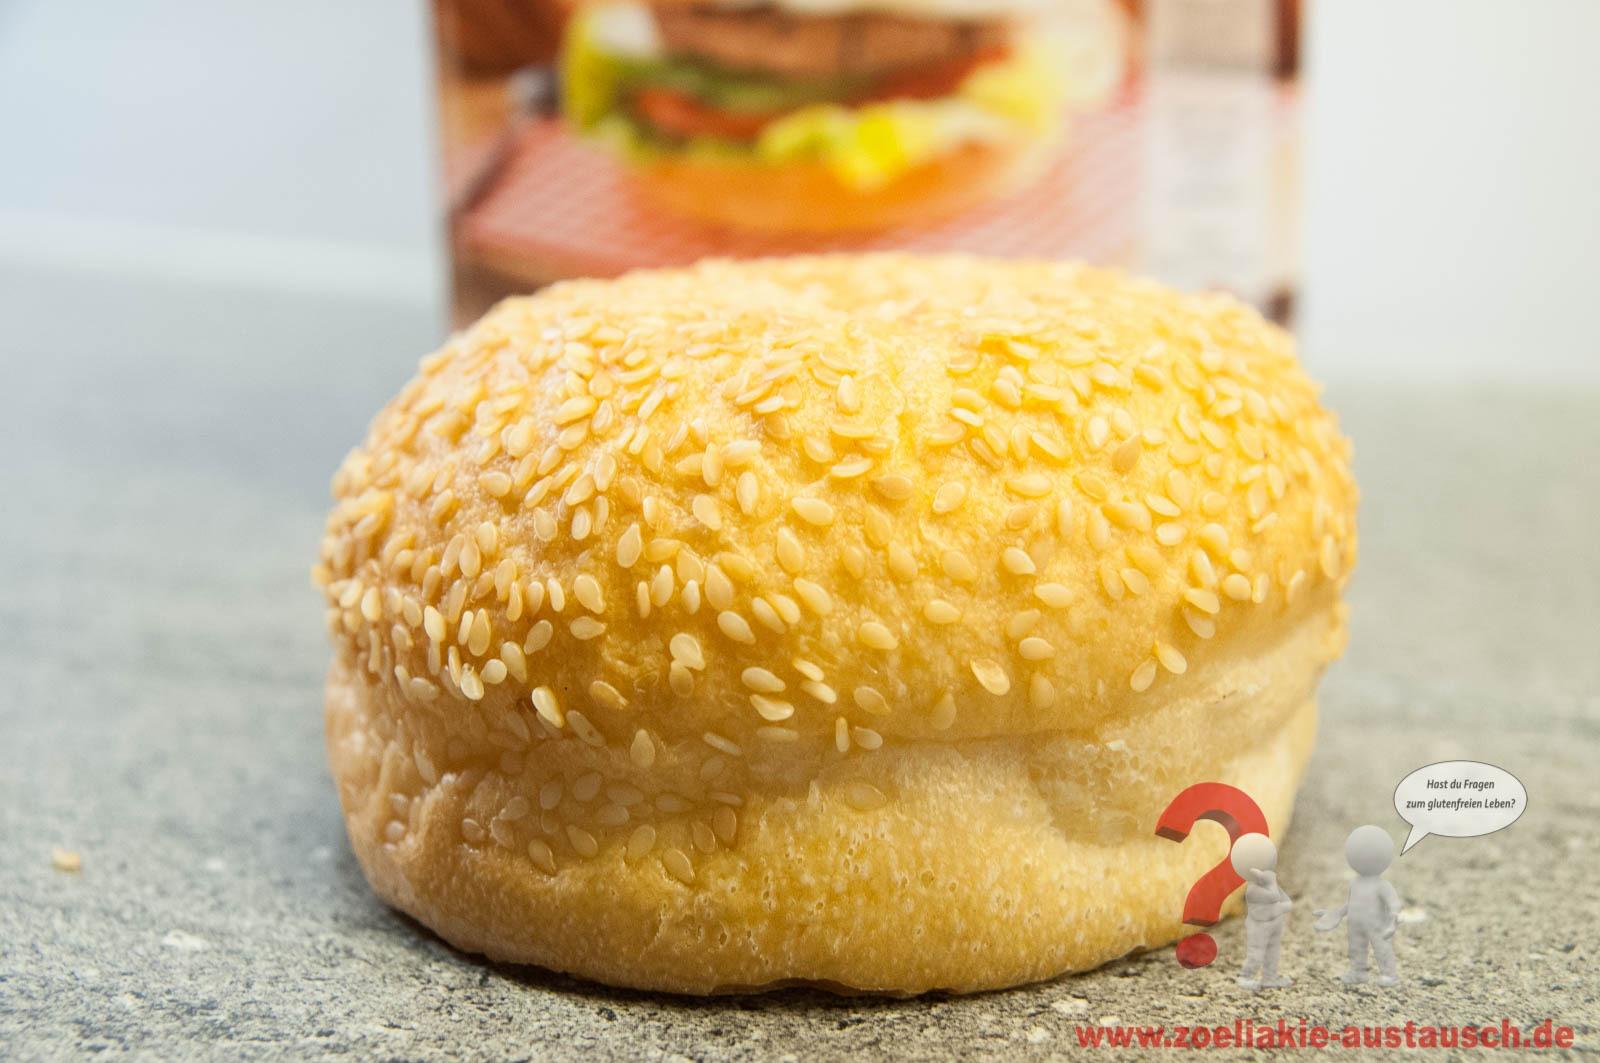 Zoeliakie-Austausch_Schnitzer_Burger_Broetchen_10